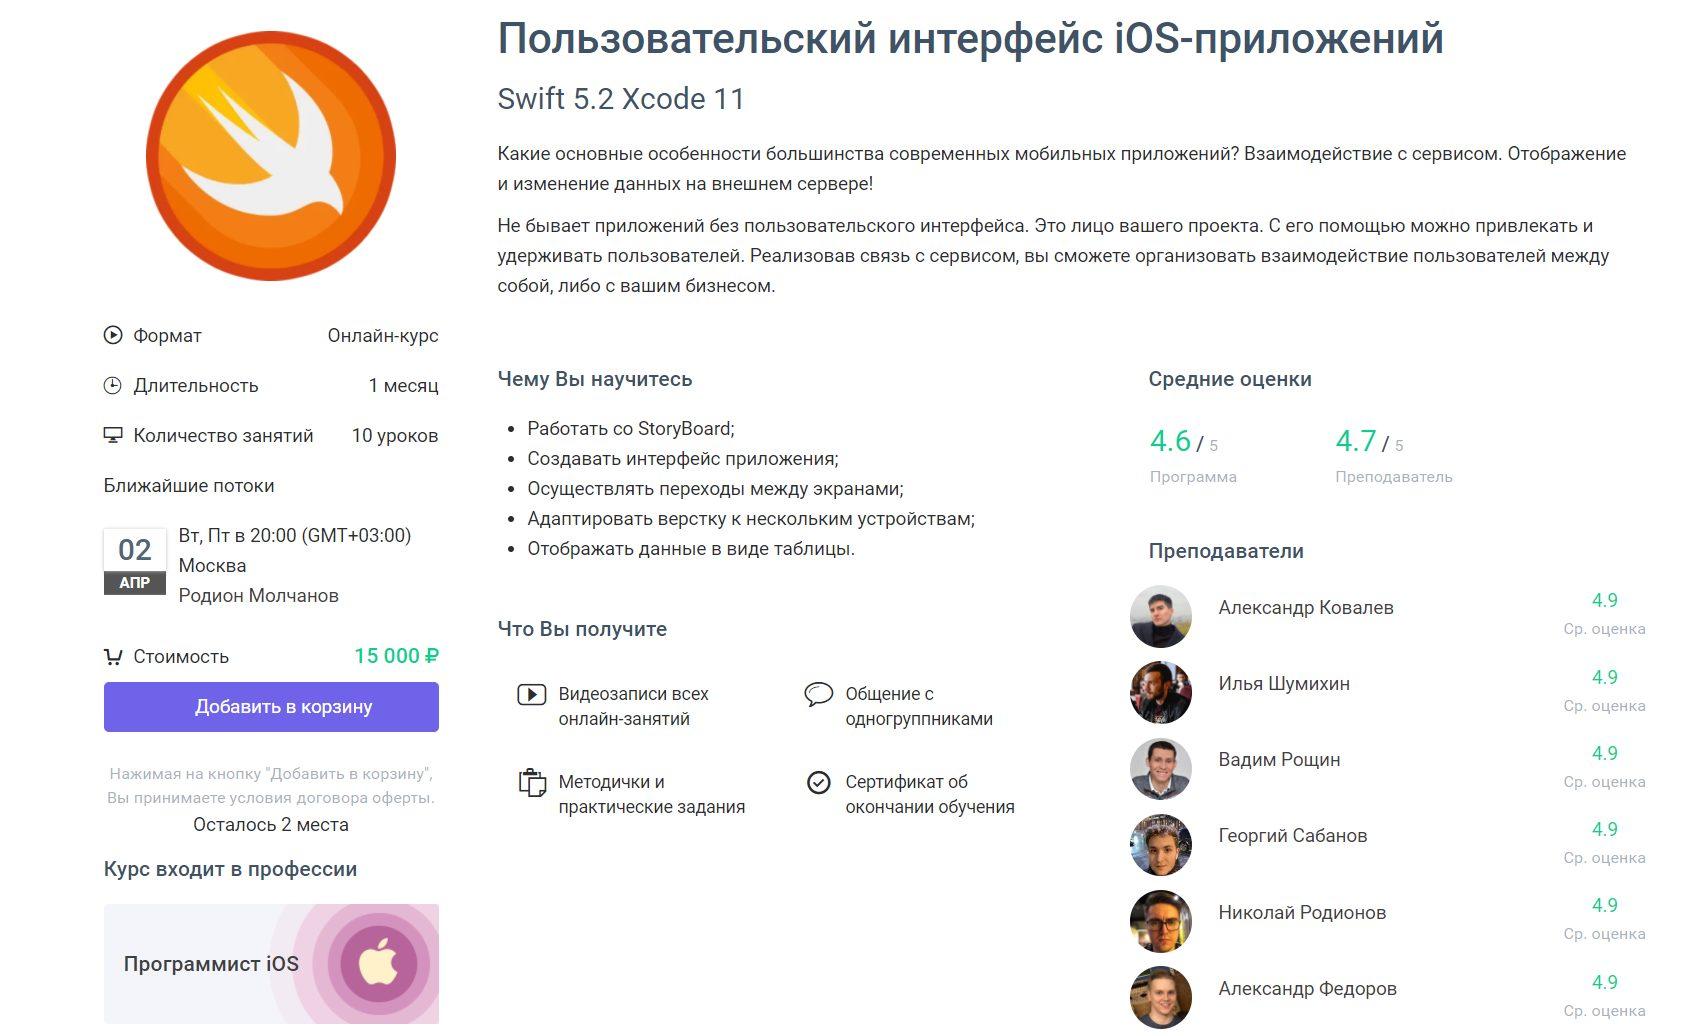 Обучение UX/UI Дизайну | ТОП-30 Курсов - Включая Бесплатные